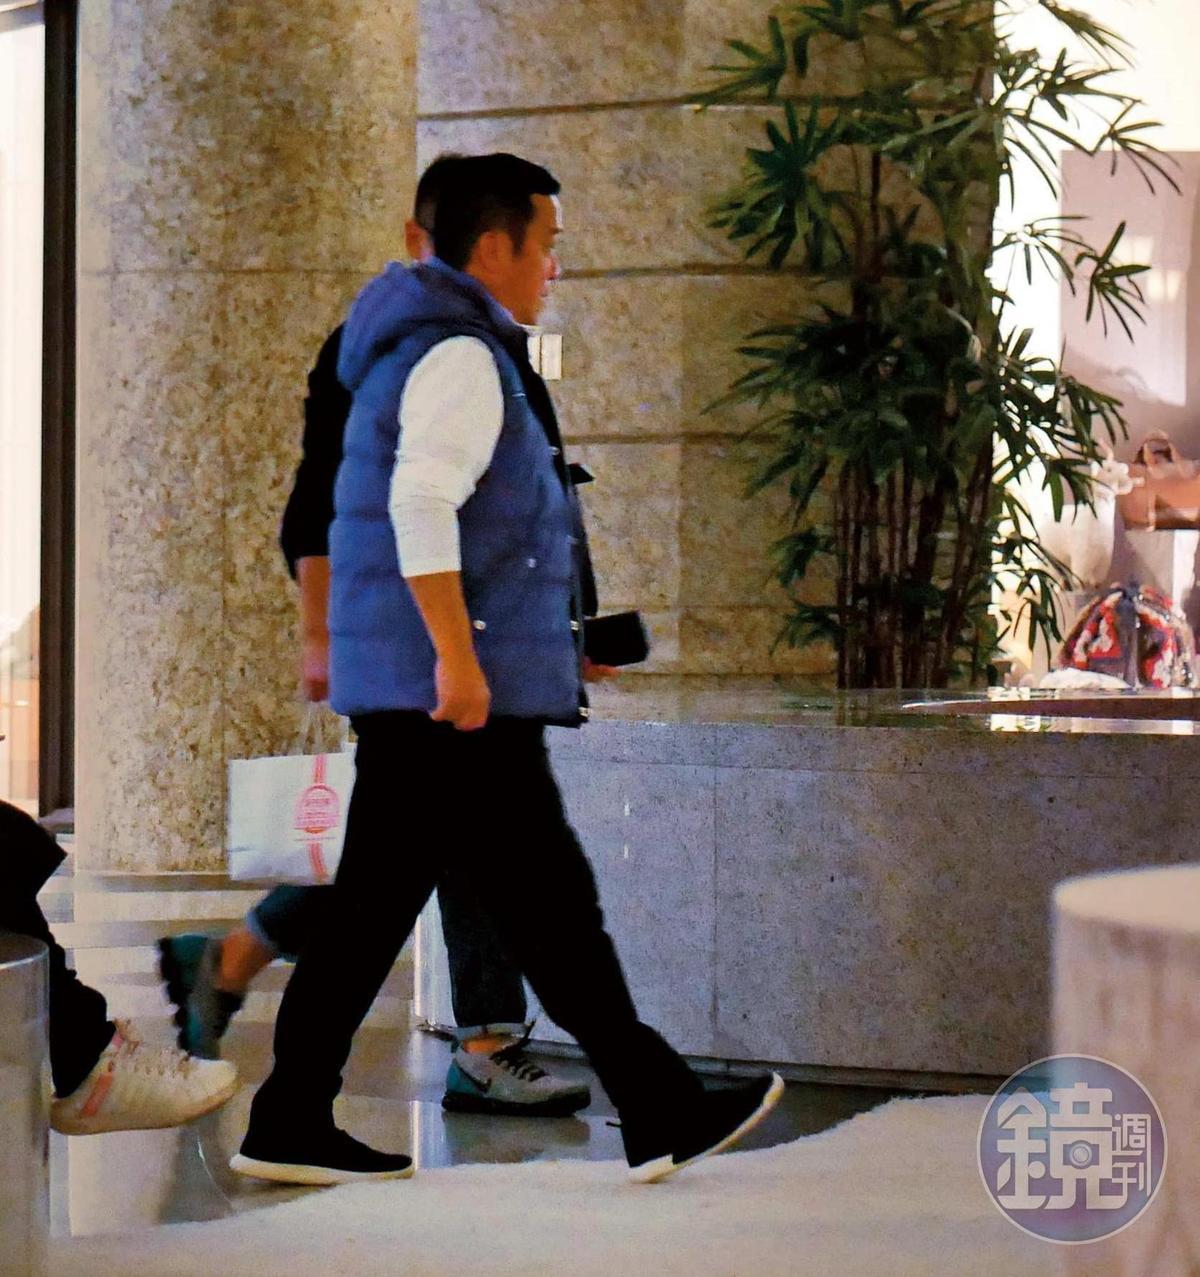 1月3日21:47,曾志偉最近剛好在台灣準備開拍《聖人大盜》,成龍揪吃飯當然少不了他。